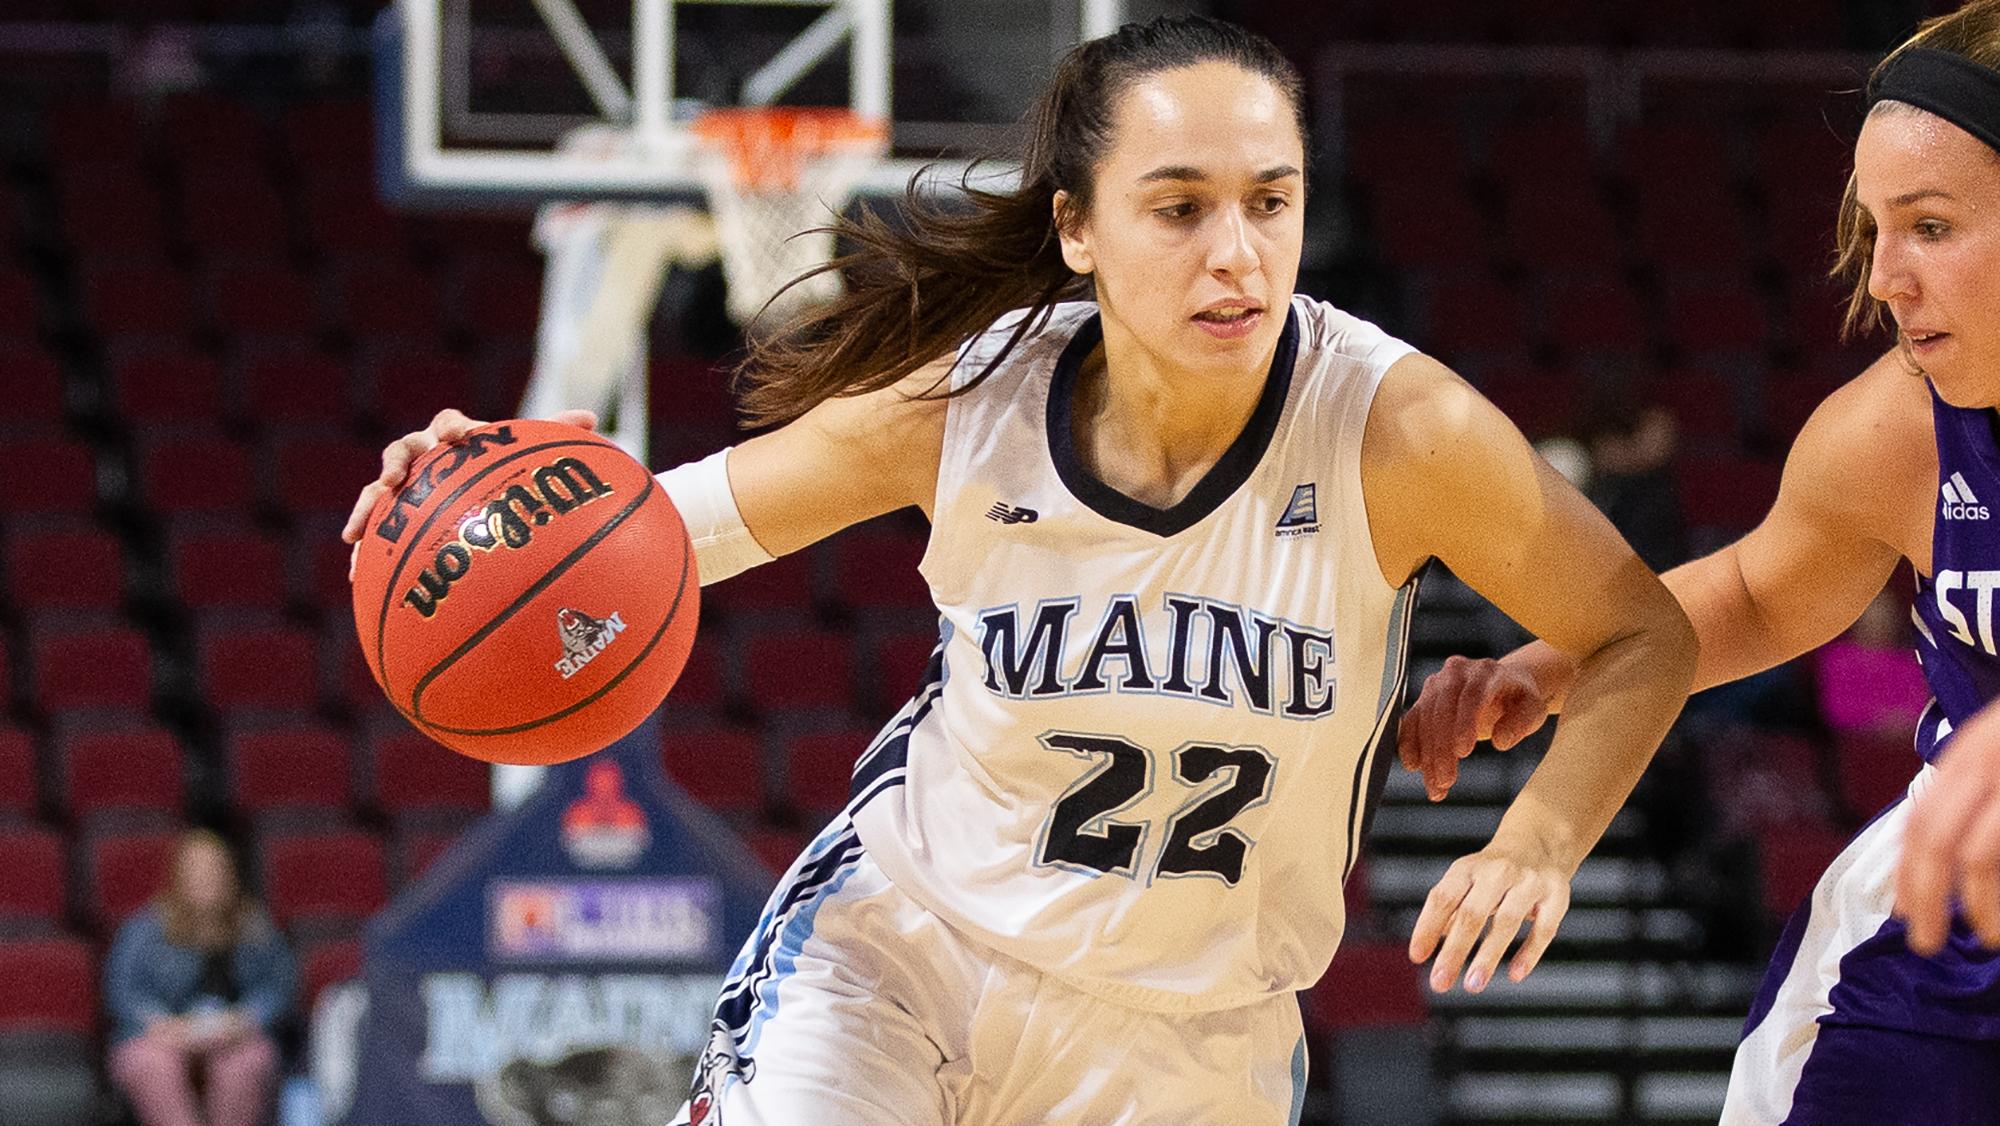 Blanca Millán, de la Universidad de Maine al CB Islas Canarias